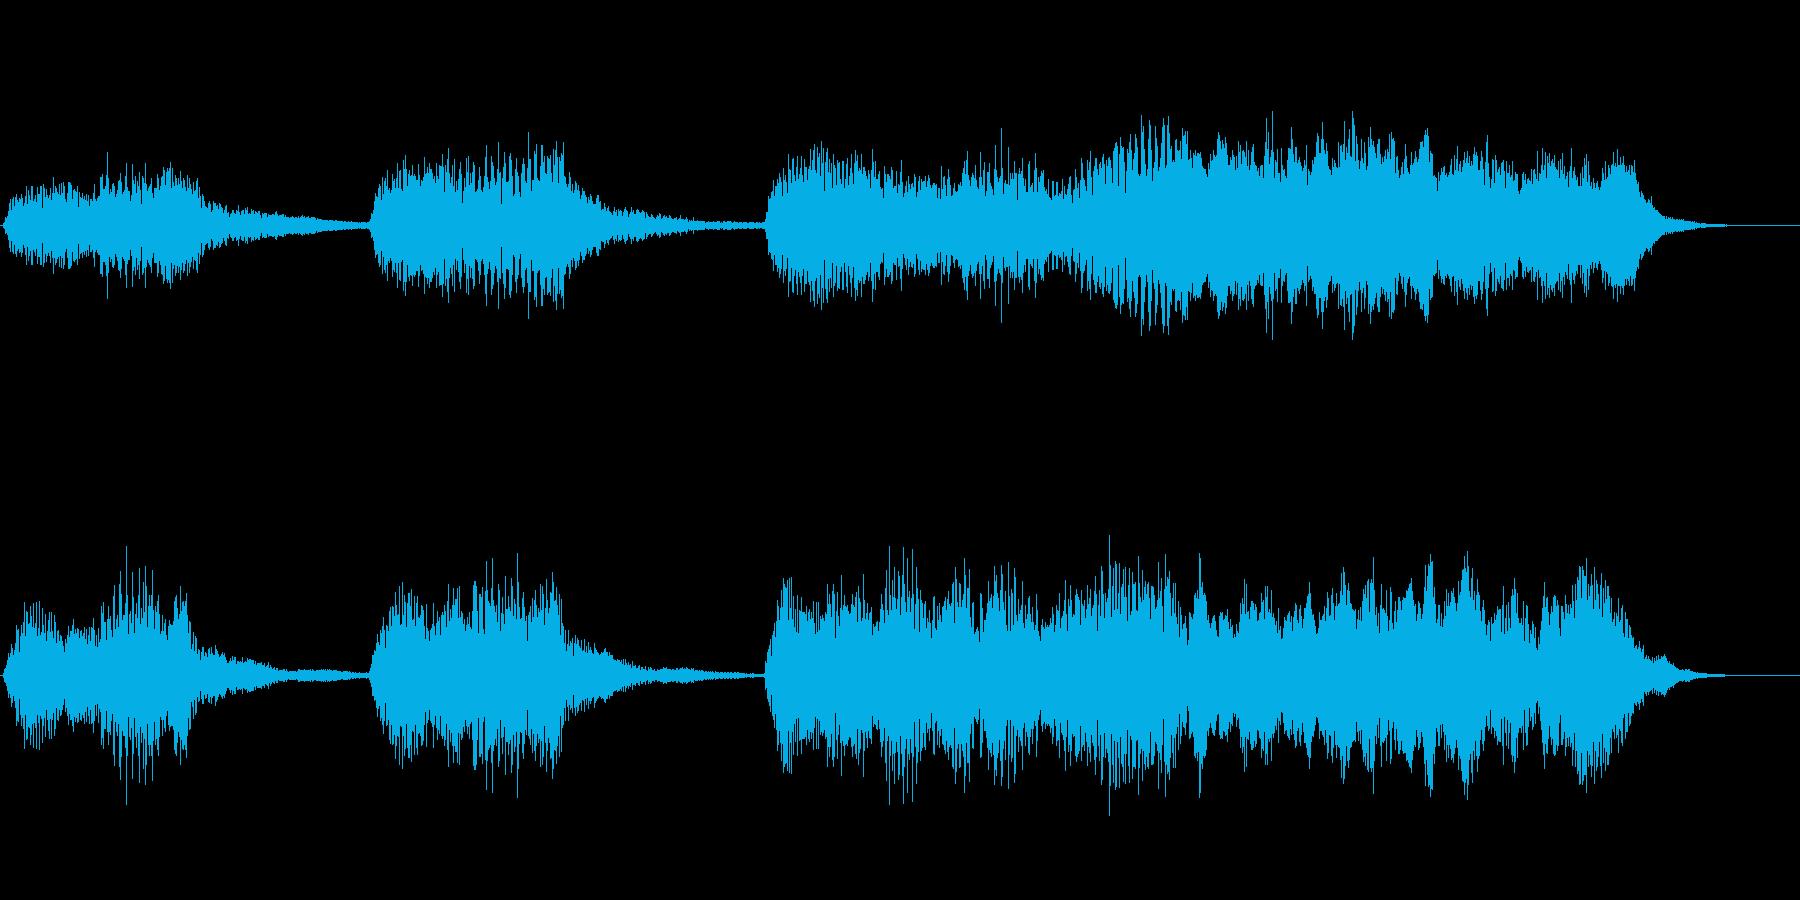 ハロウィン系 ホラーな雰囲気のジングルの再生済みの波形